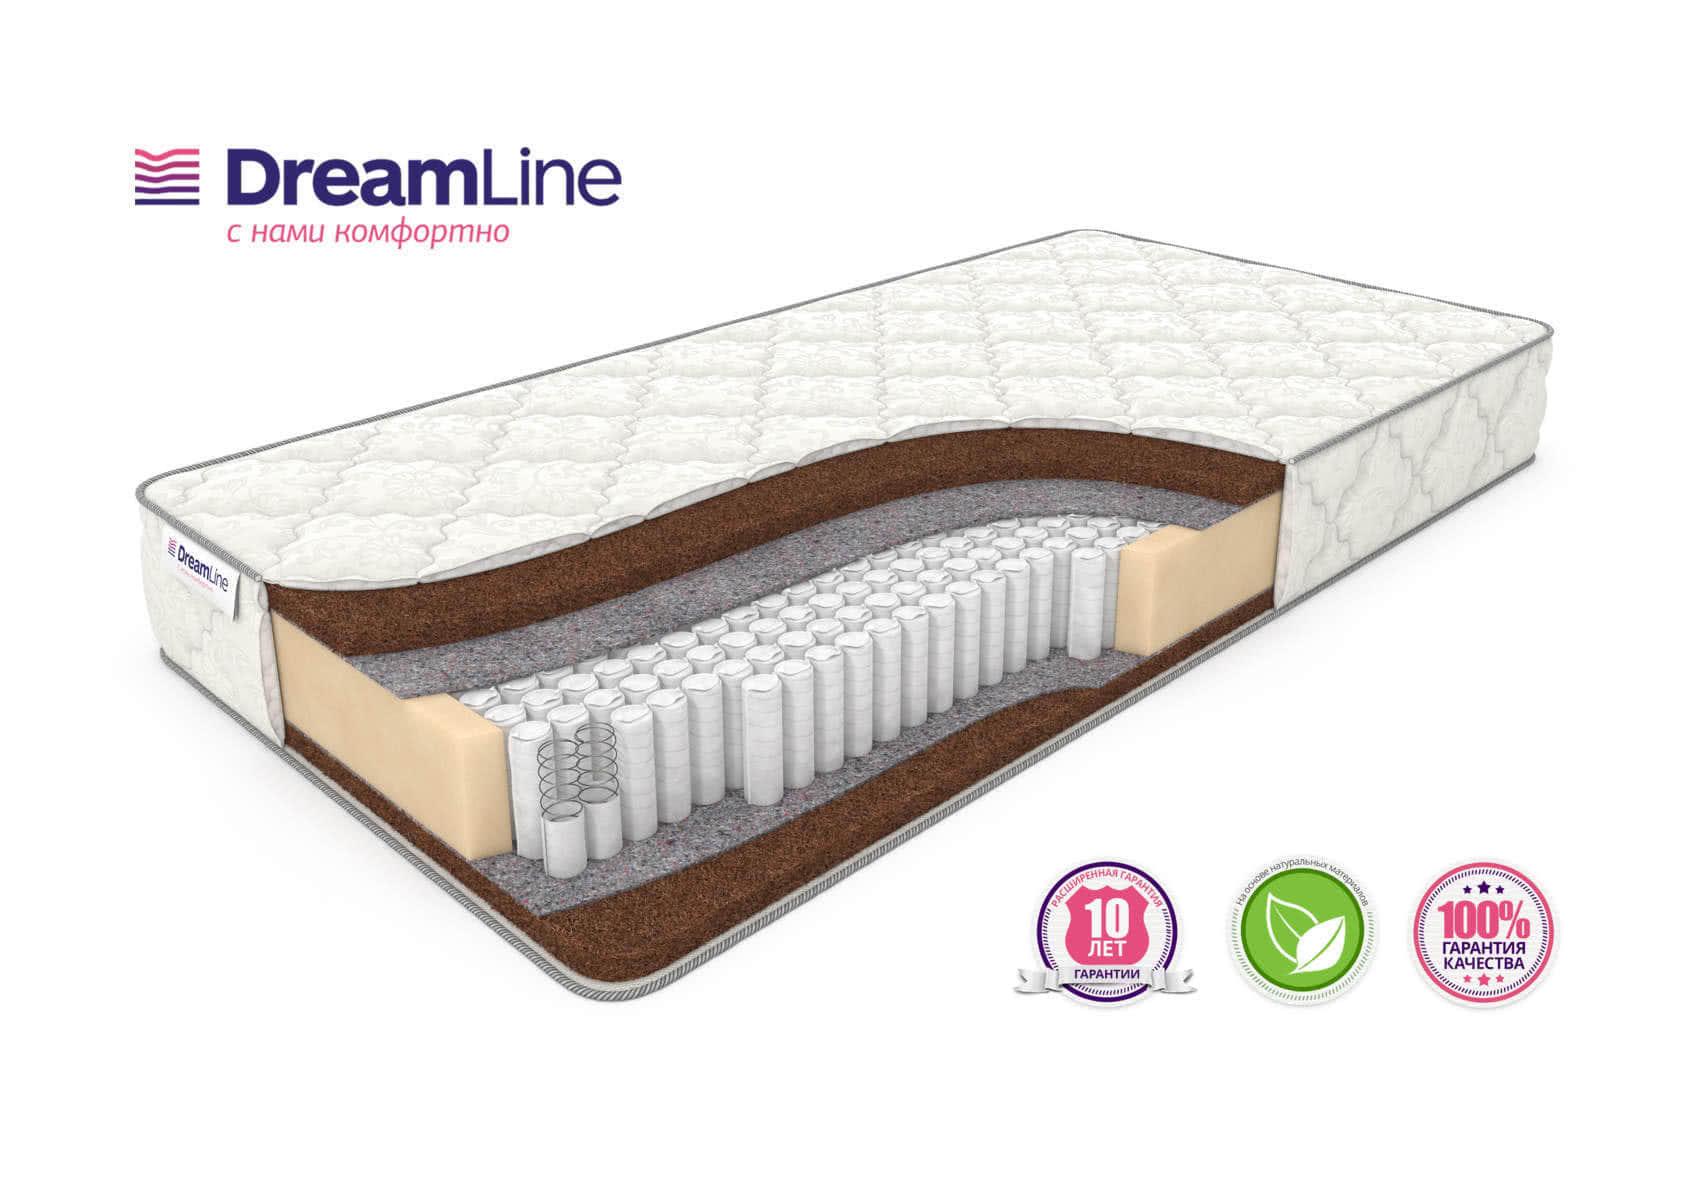 ������ DreamLine Dream 3 S1000